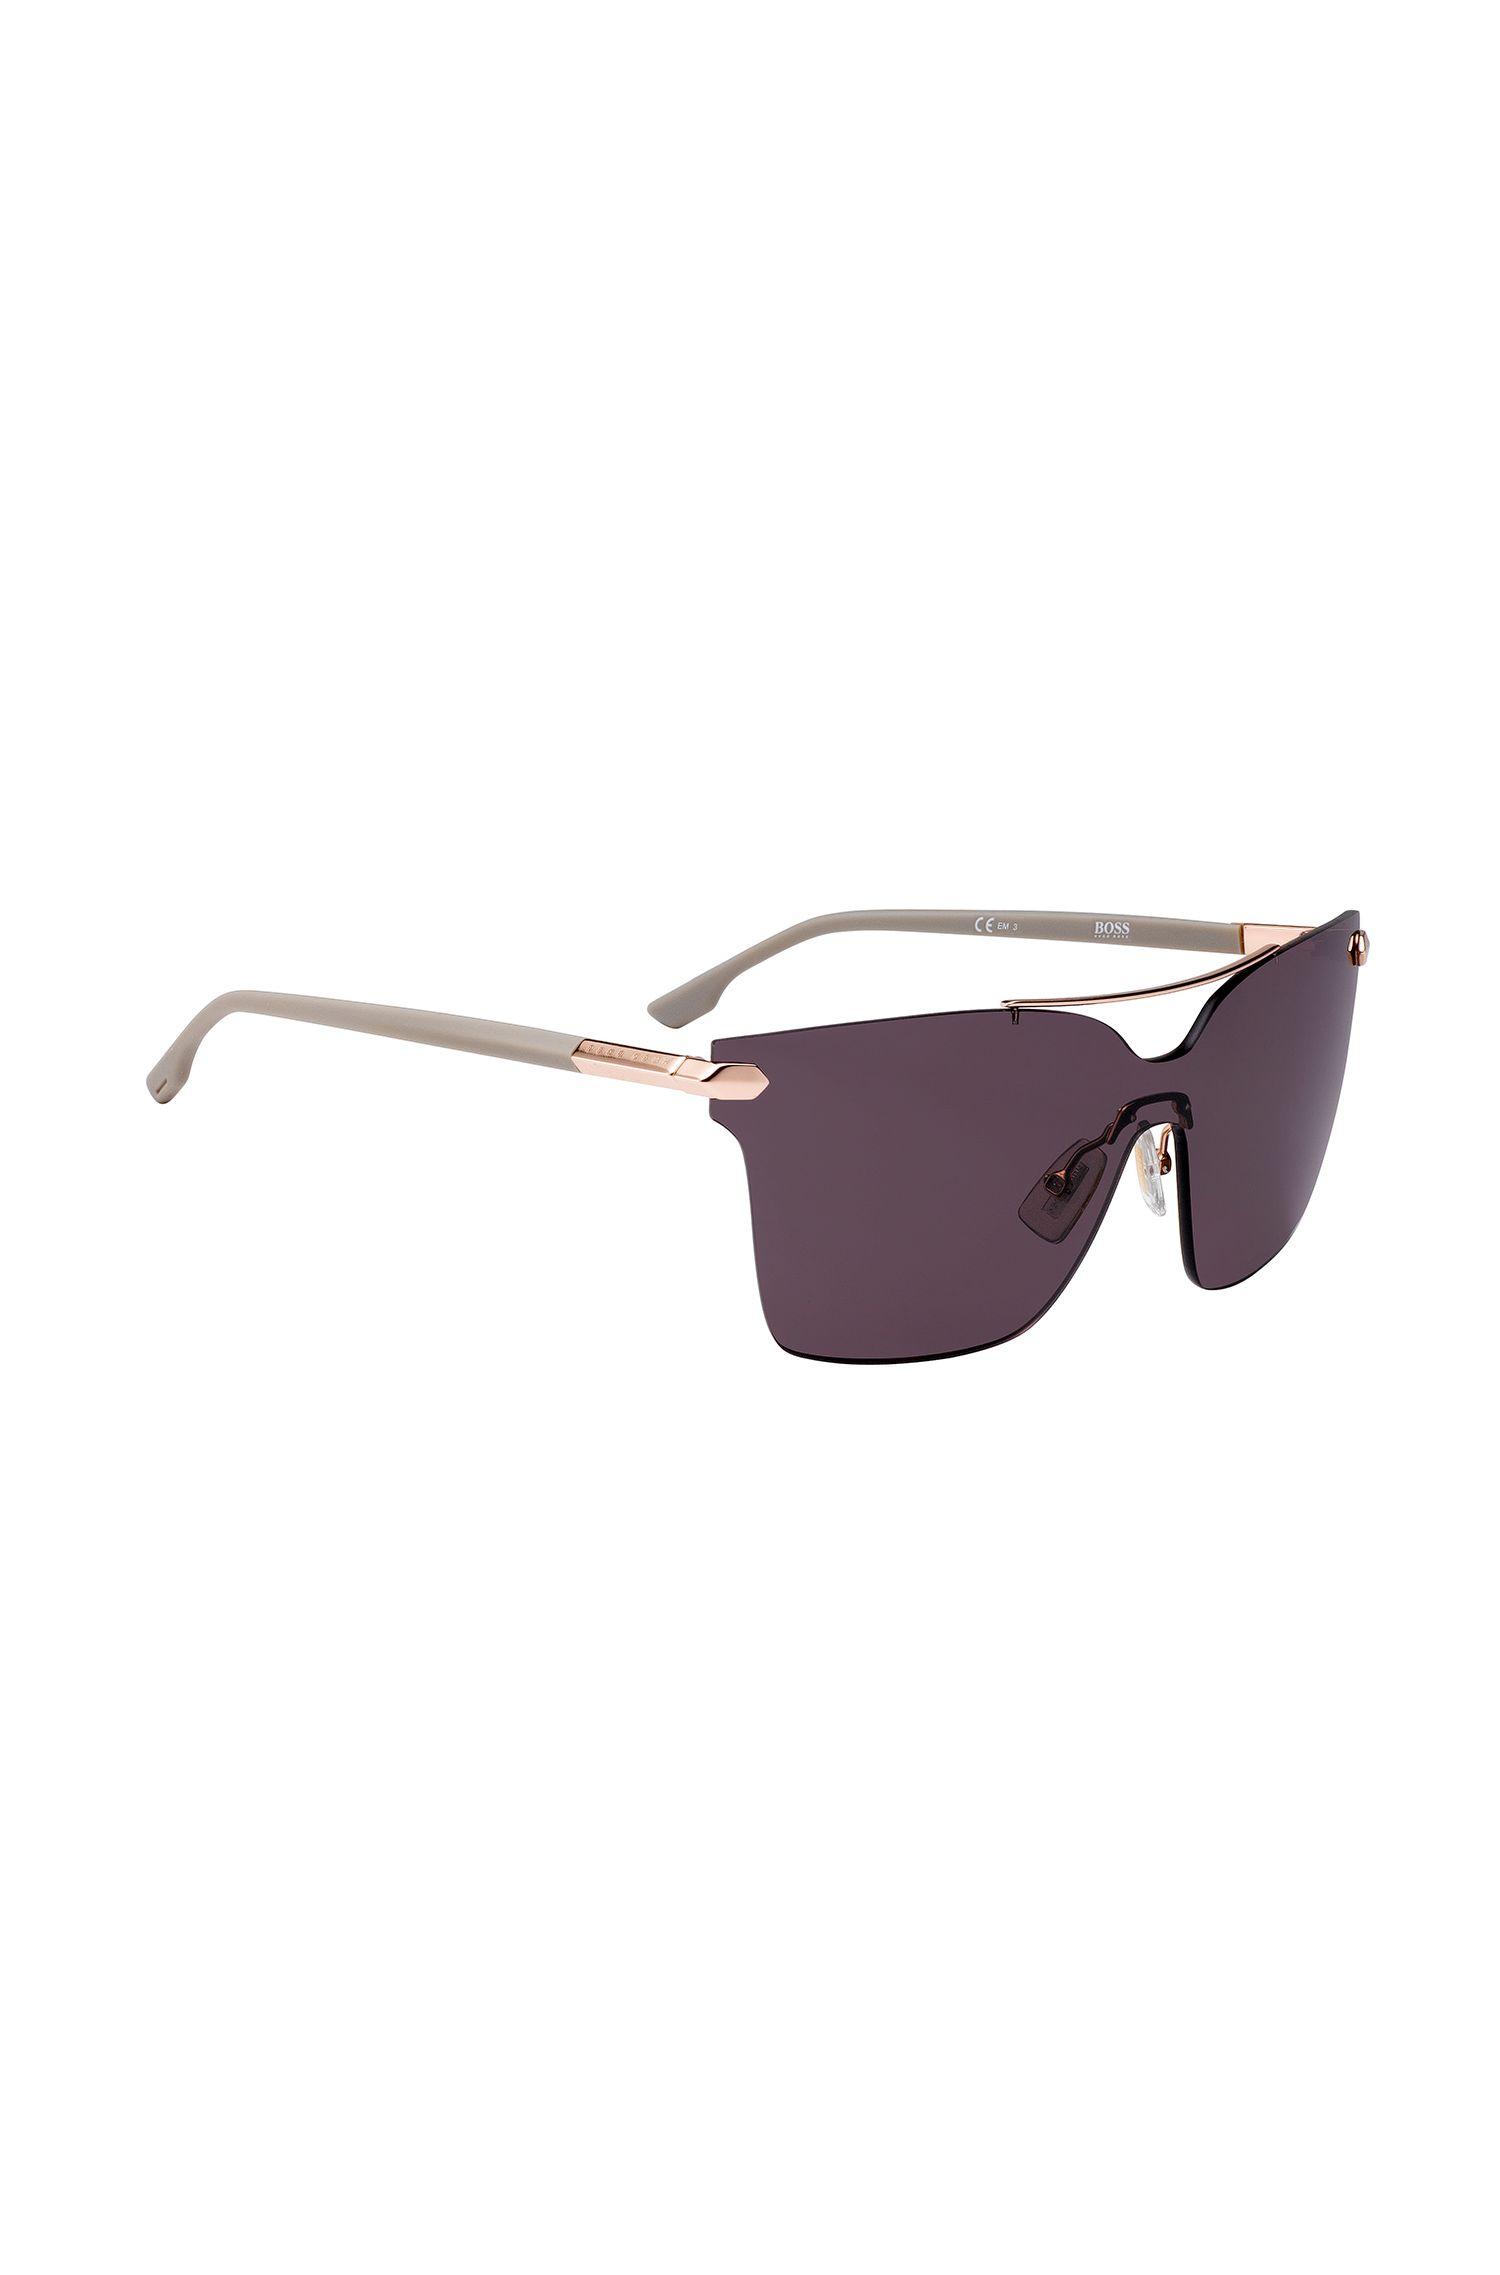 Schild-Sonnenbrille mit Nieten an den Scharnieren